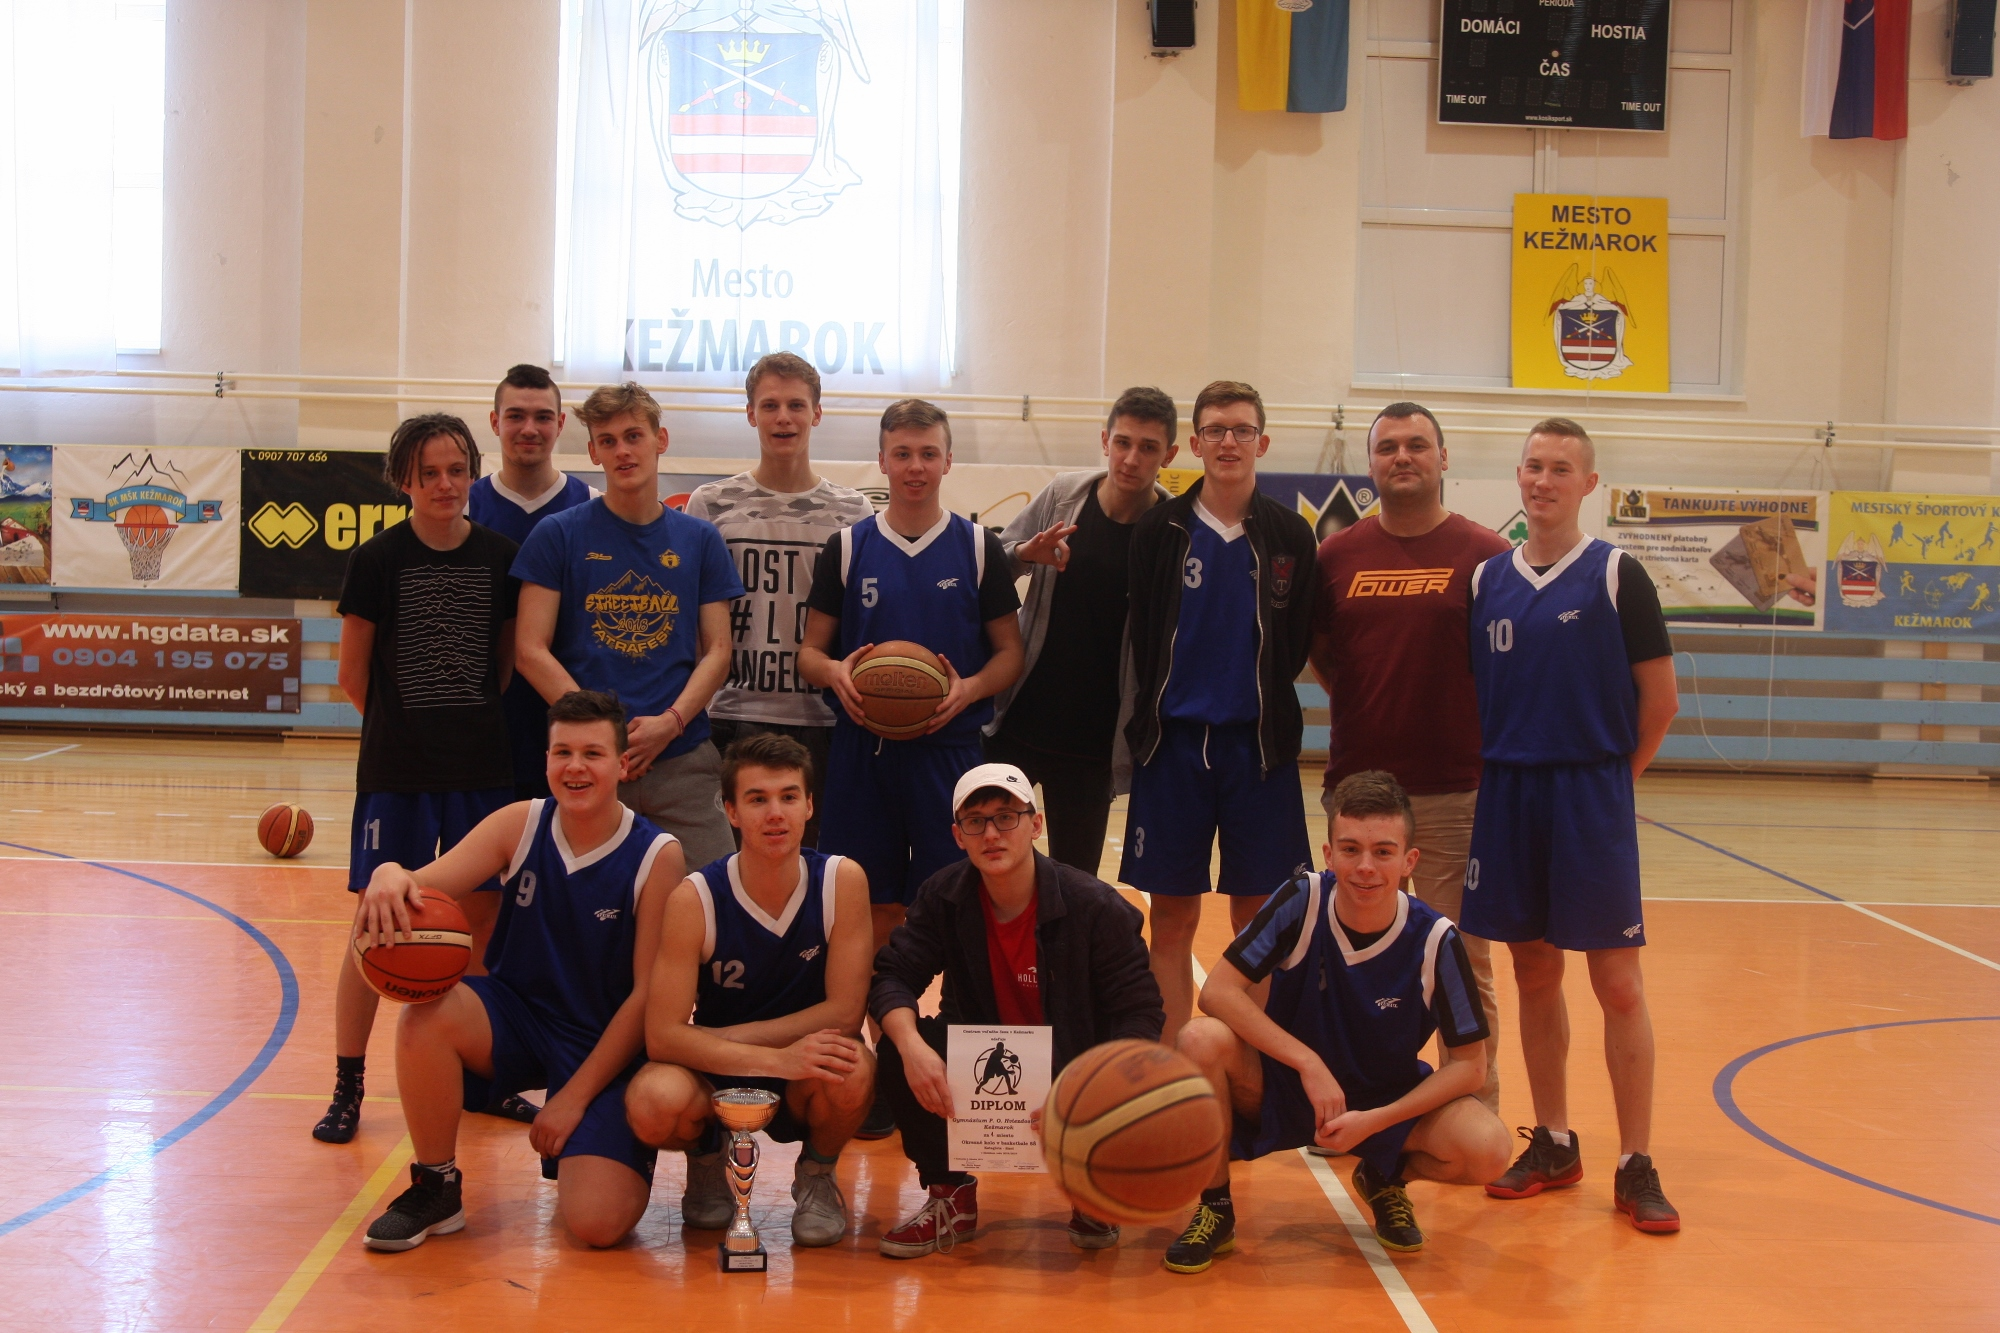 Okresné kolo stredných škôl v basketbale